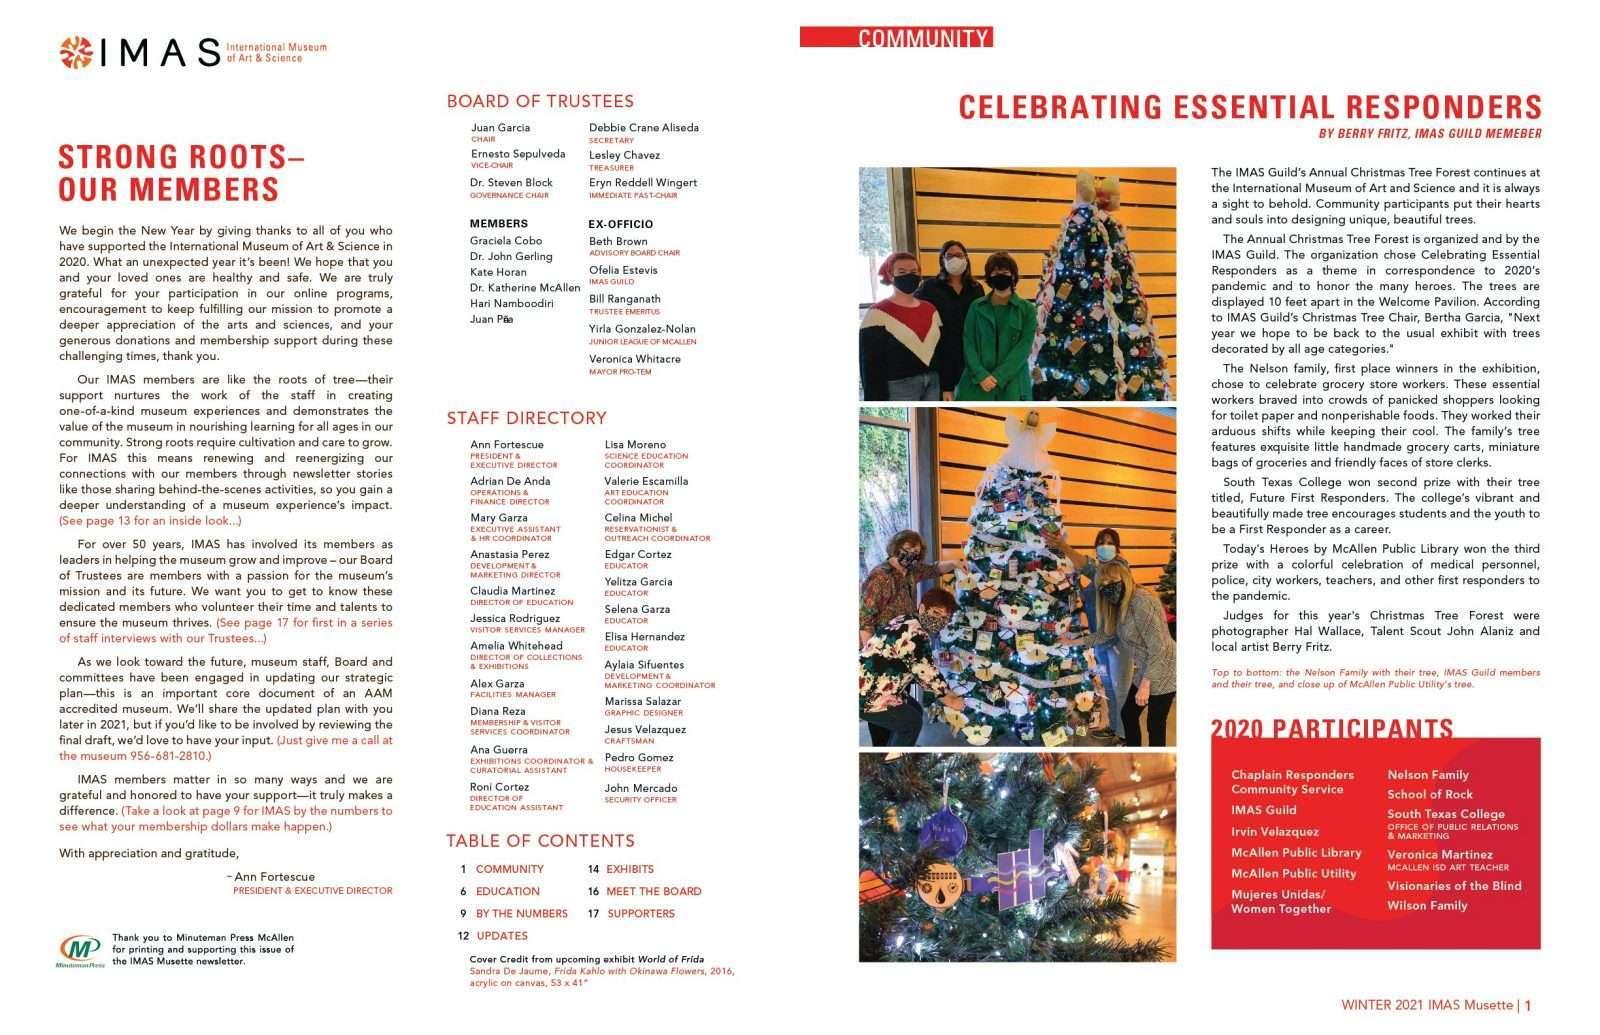 IMAS Musette Newsletter Winter 2021